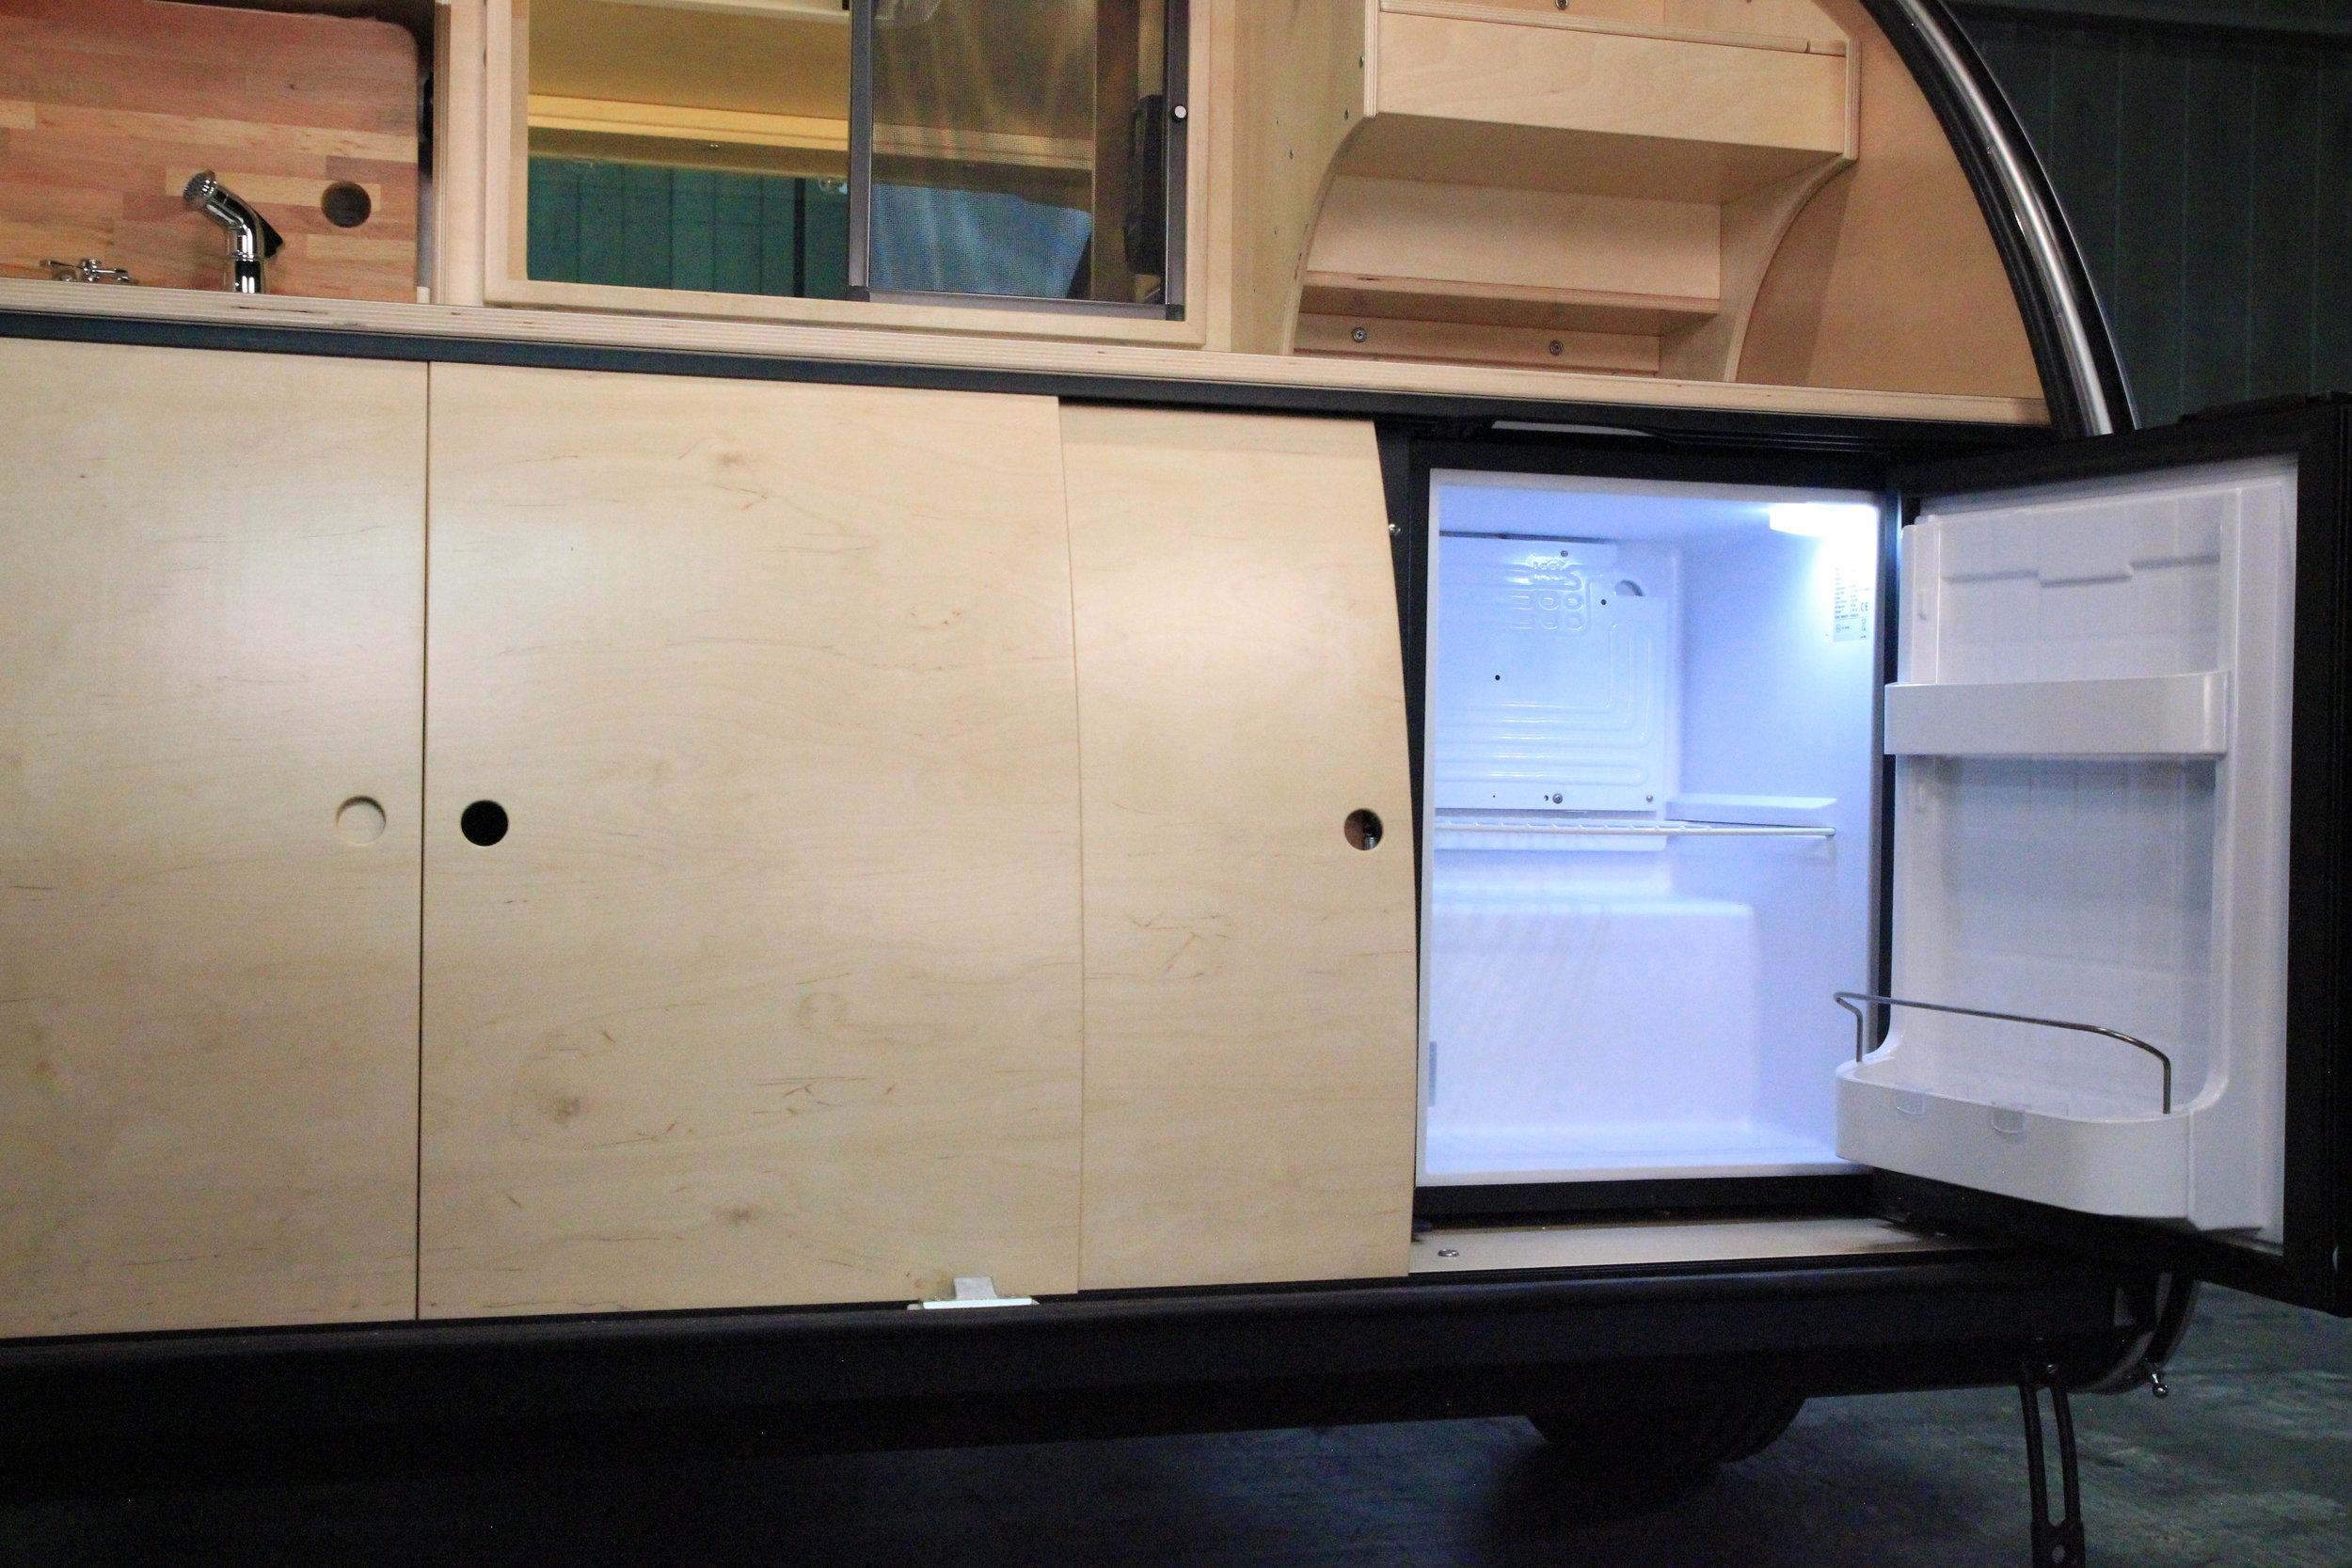 Vistabule Refrigerator.JPG